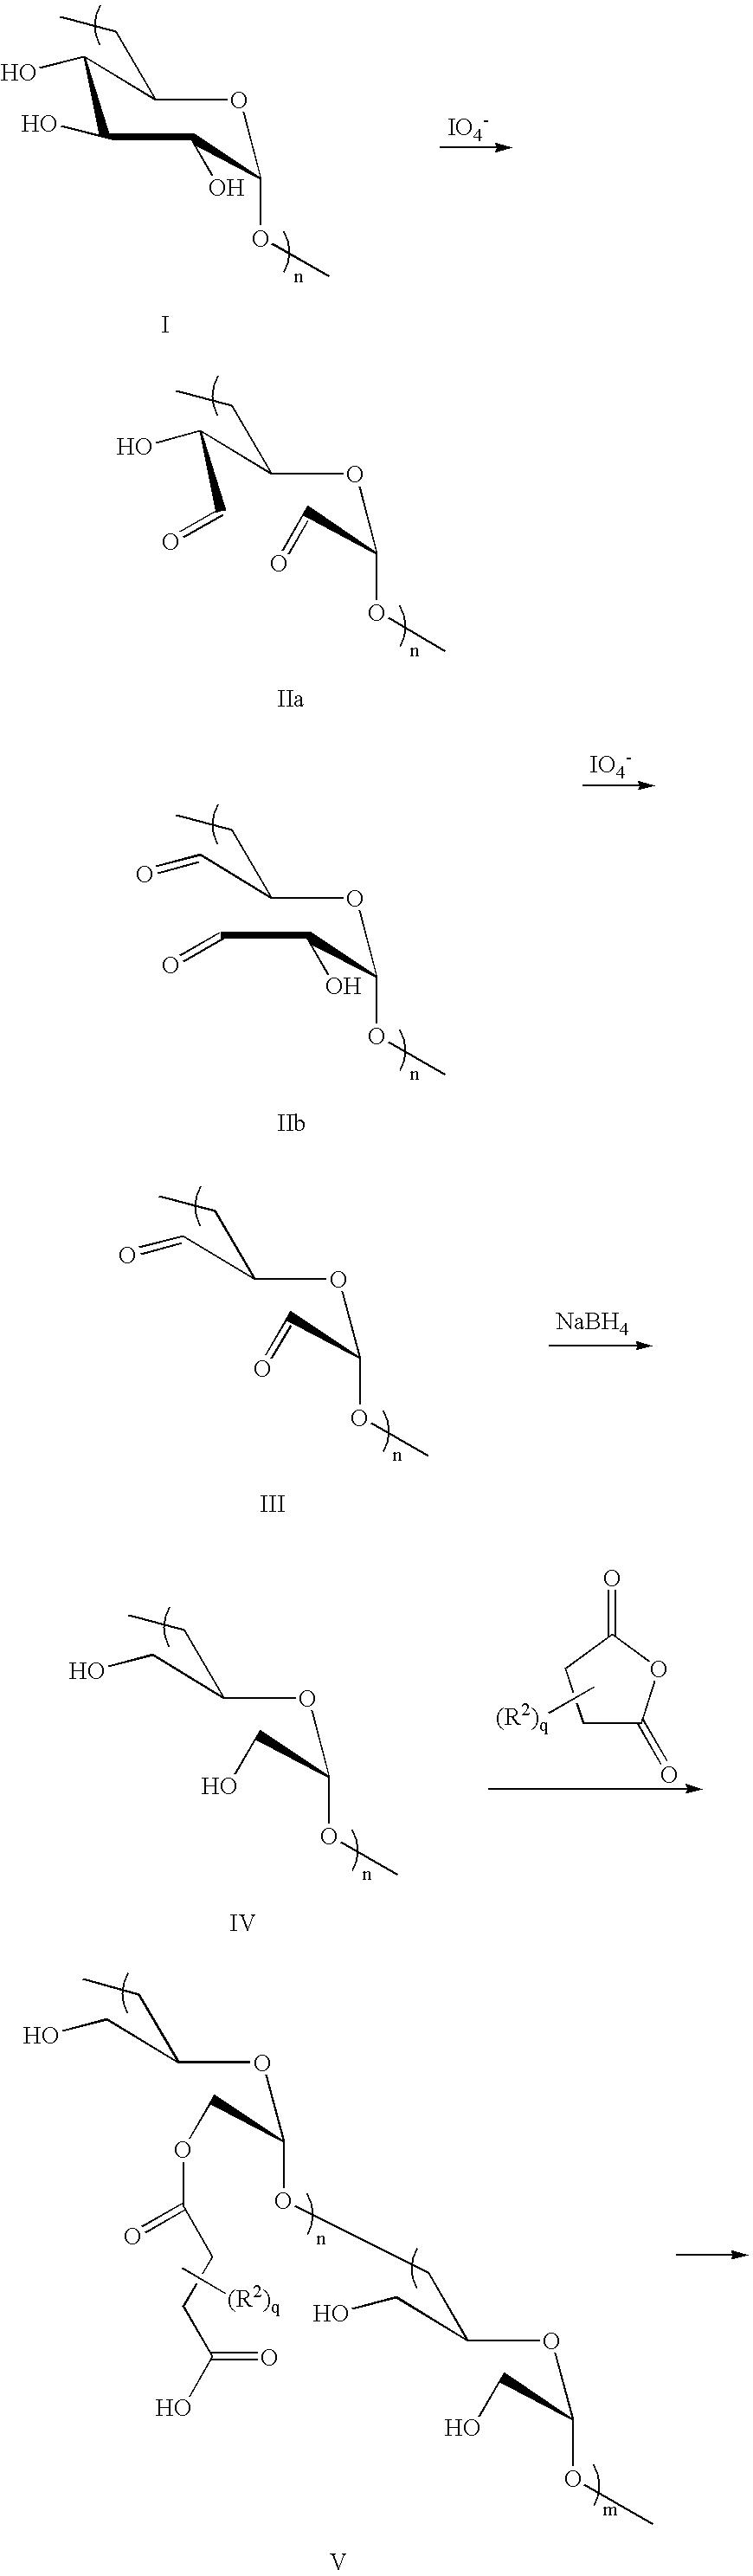 Figure US07790150-20100907-C00038